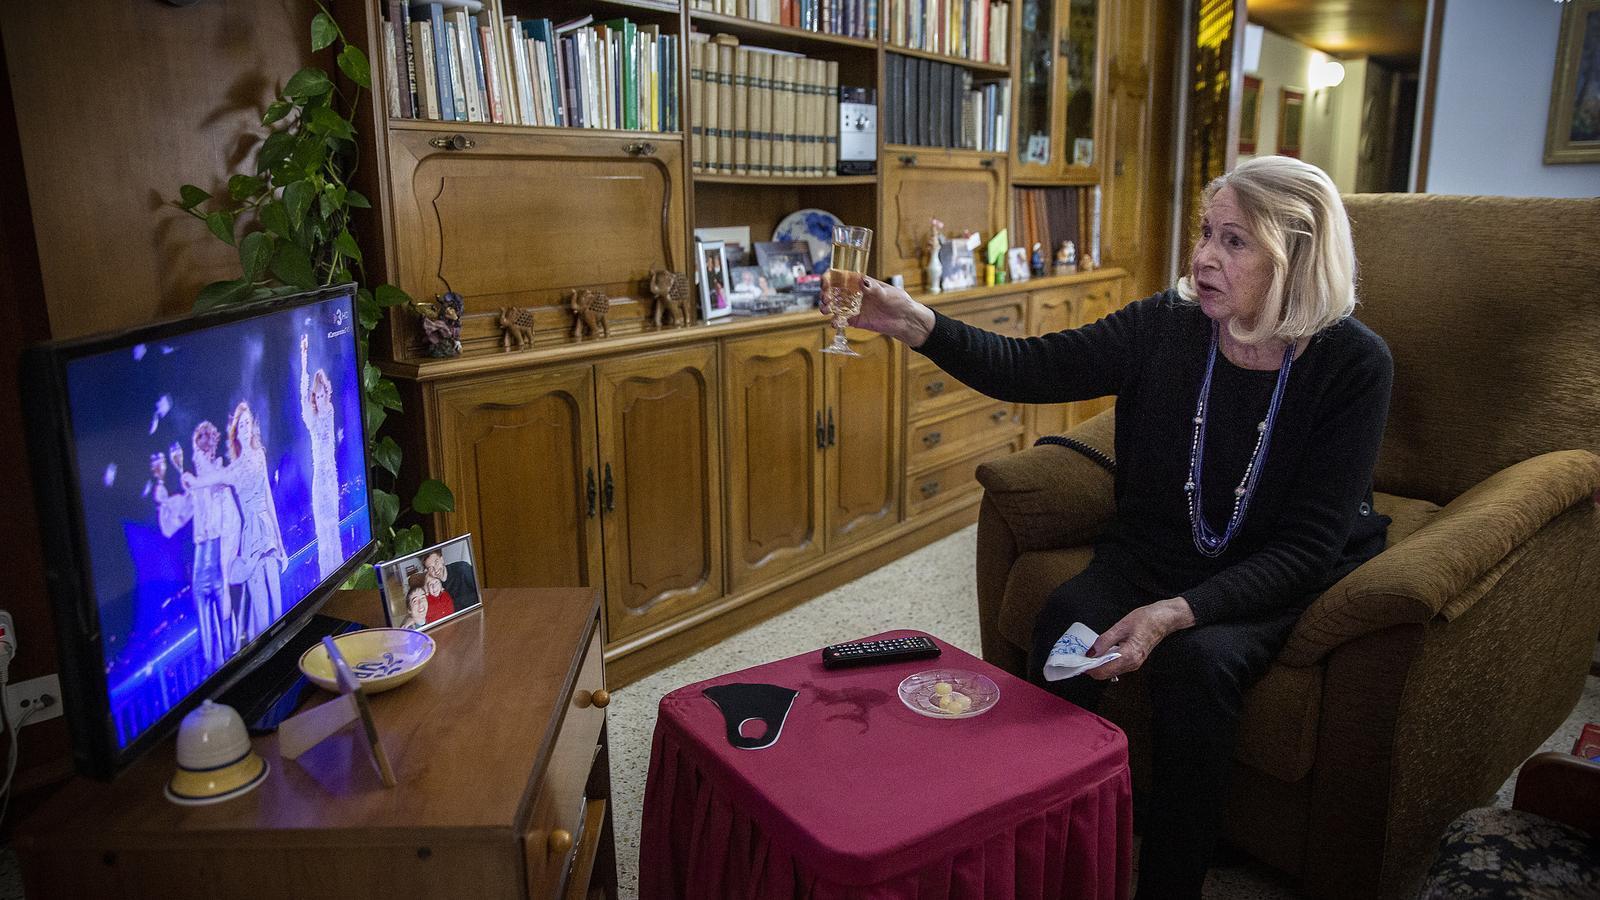 Paquita Soler brinda amb la televisió la nit de Cap d'Any a casa seva